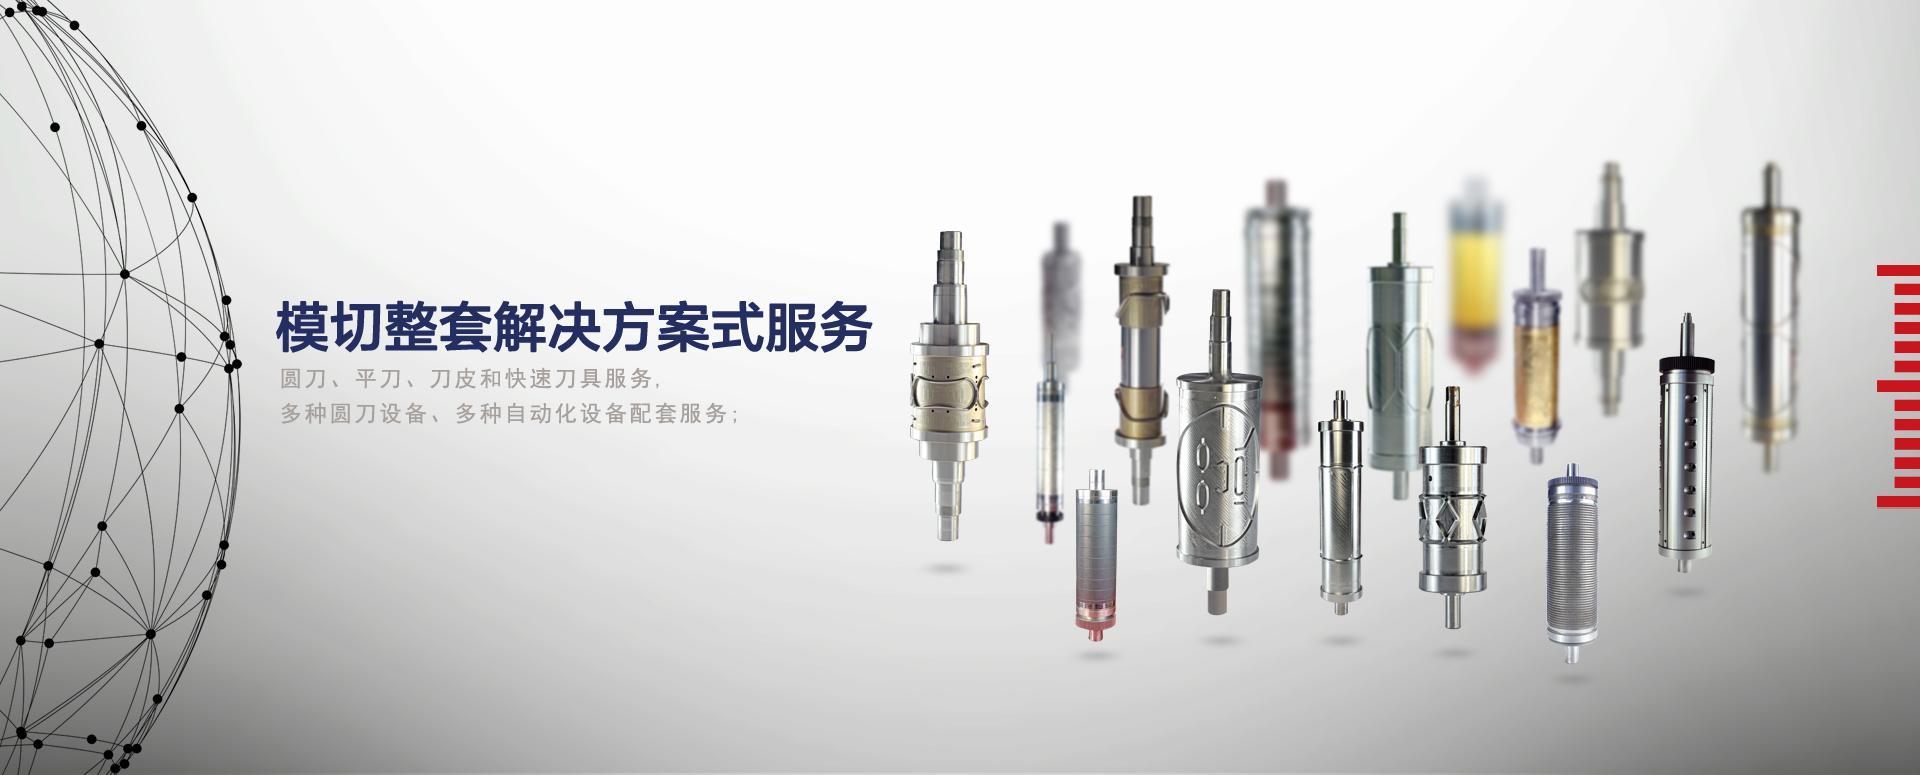 深圳市哈德胜精密科技股份有限公司